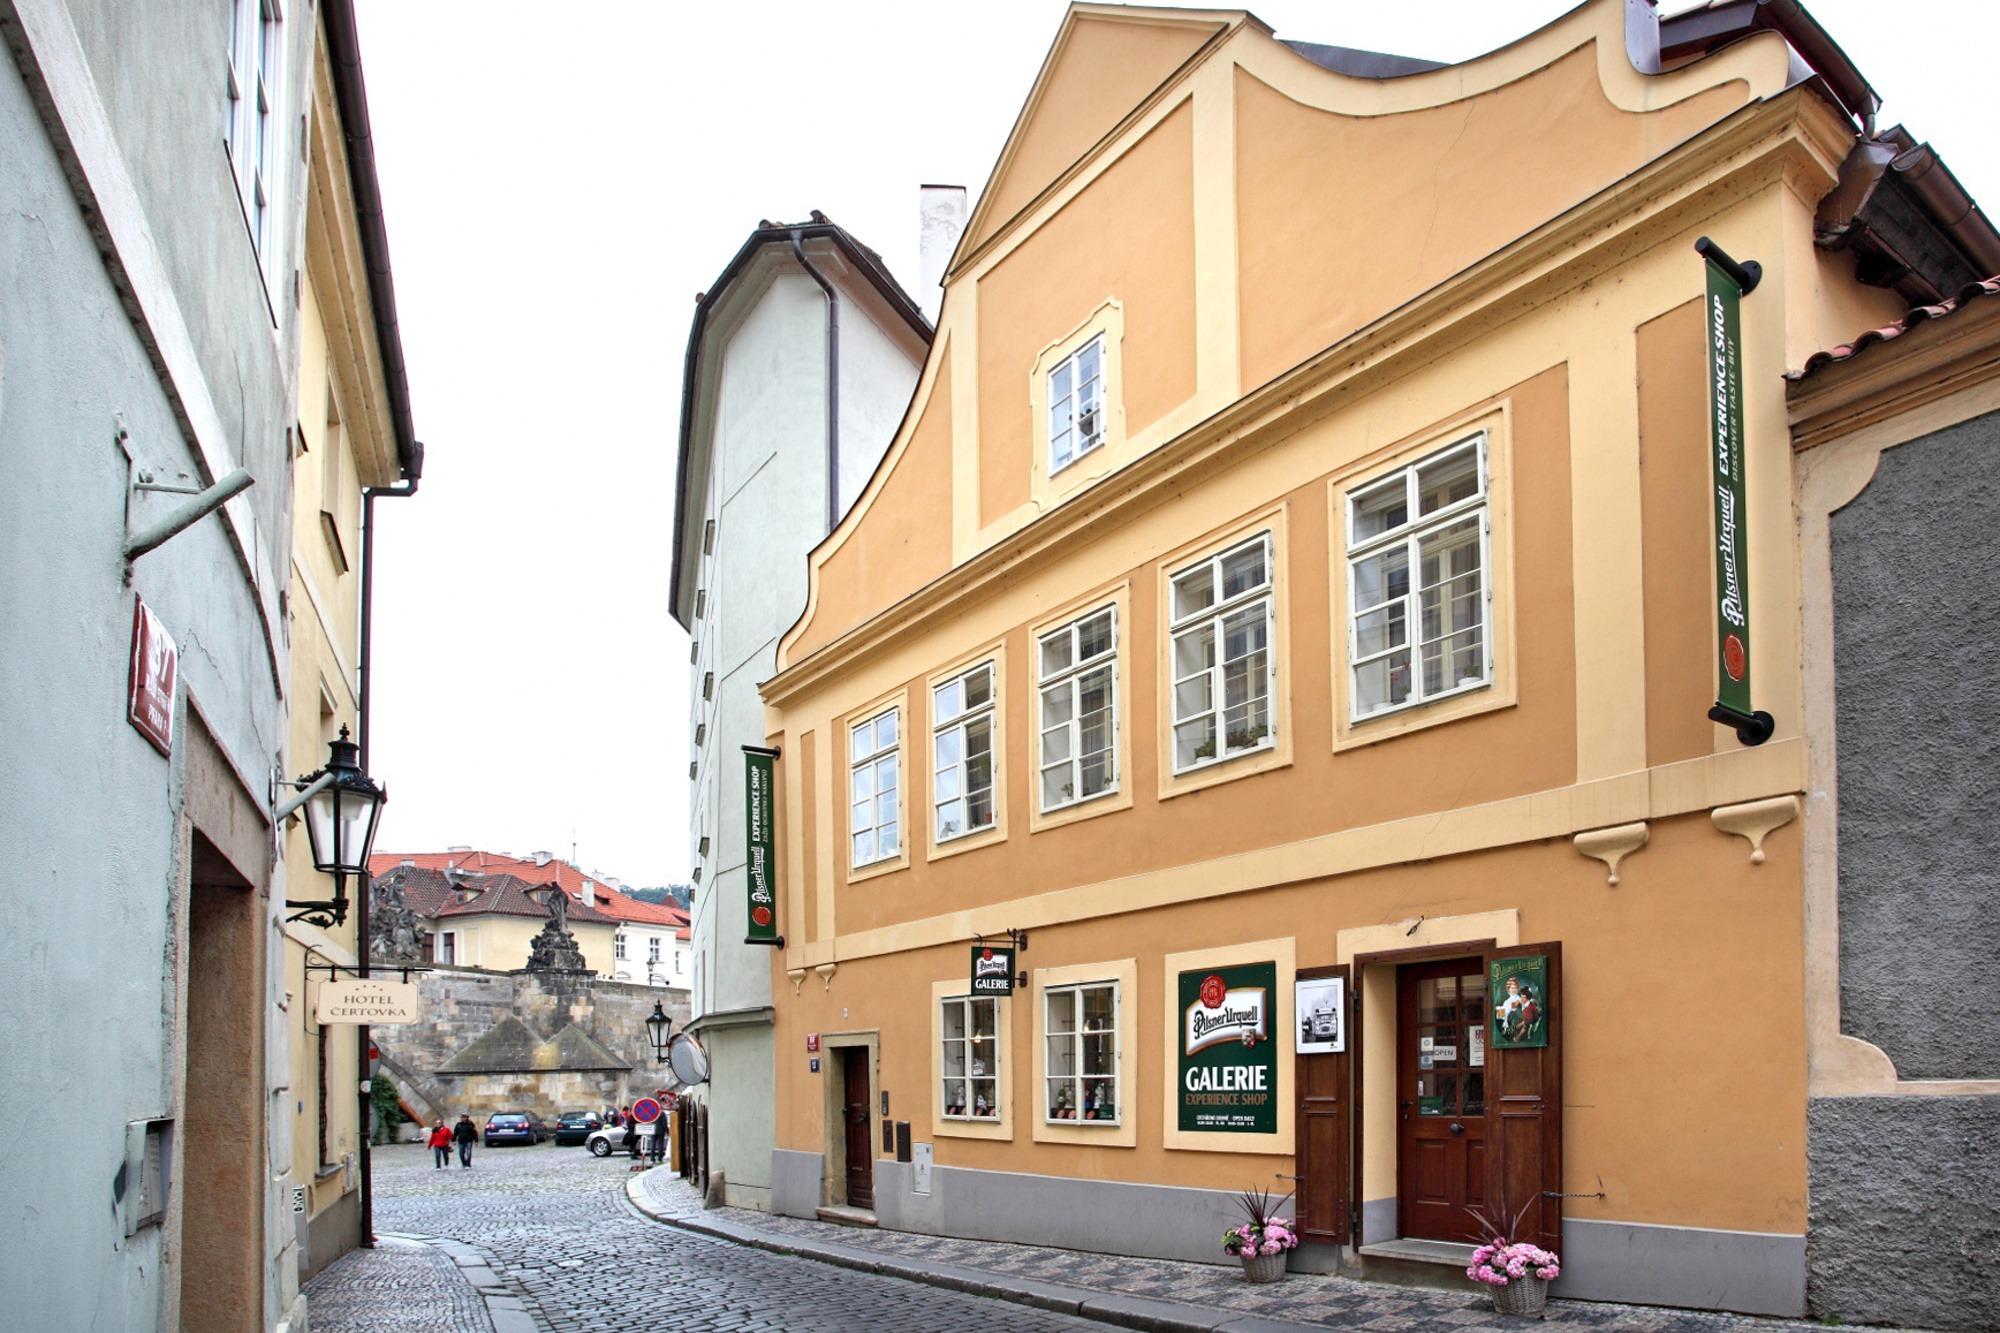 Pilsner Urquell Galerie Kampa